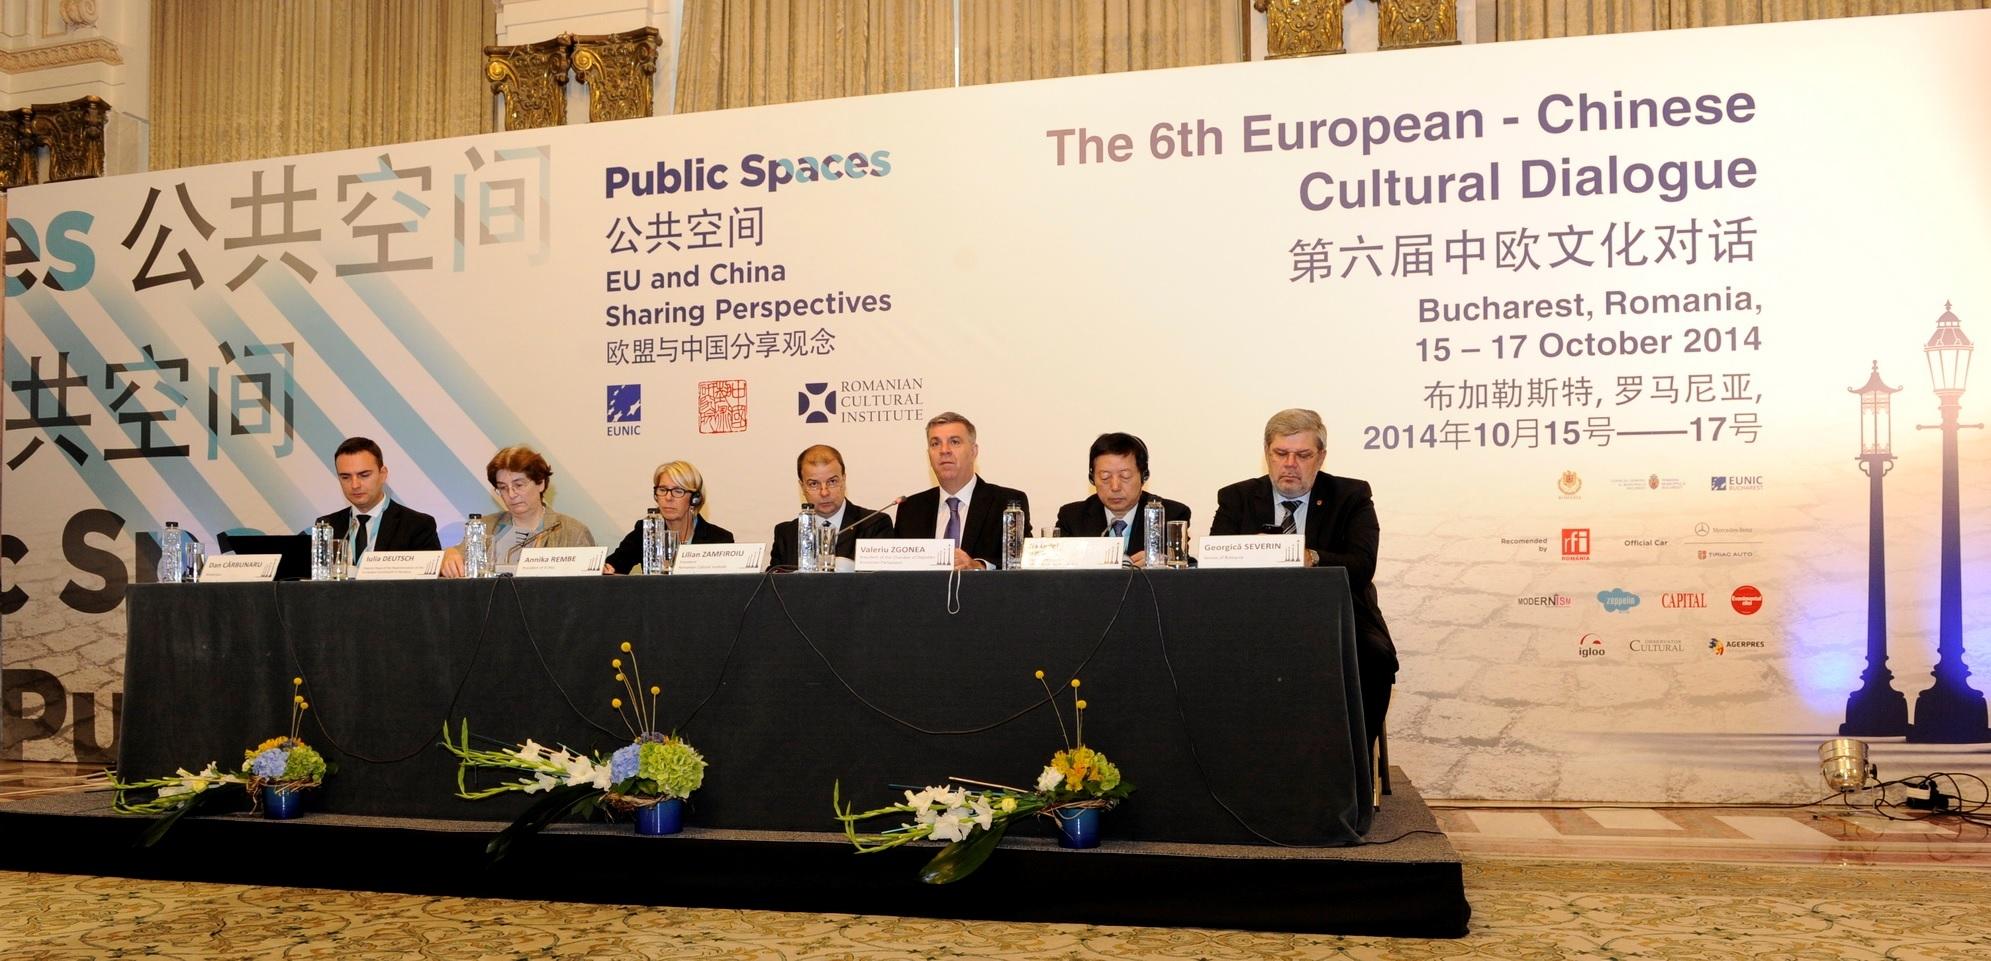 Dialogul Cultural Europa-China, Spații publice și poduri între culturi la Palatul Parlamentului din Bucureşti